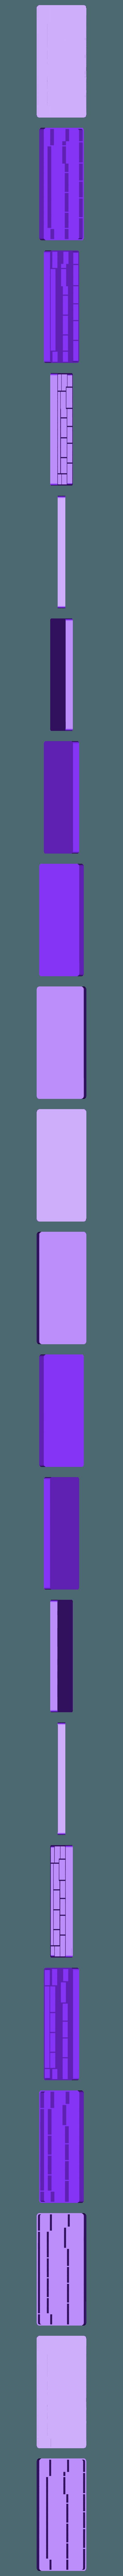 35c663d4 bf22 4913 ae7b 3d4897590110